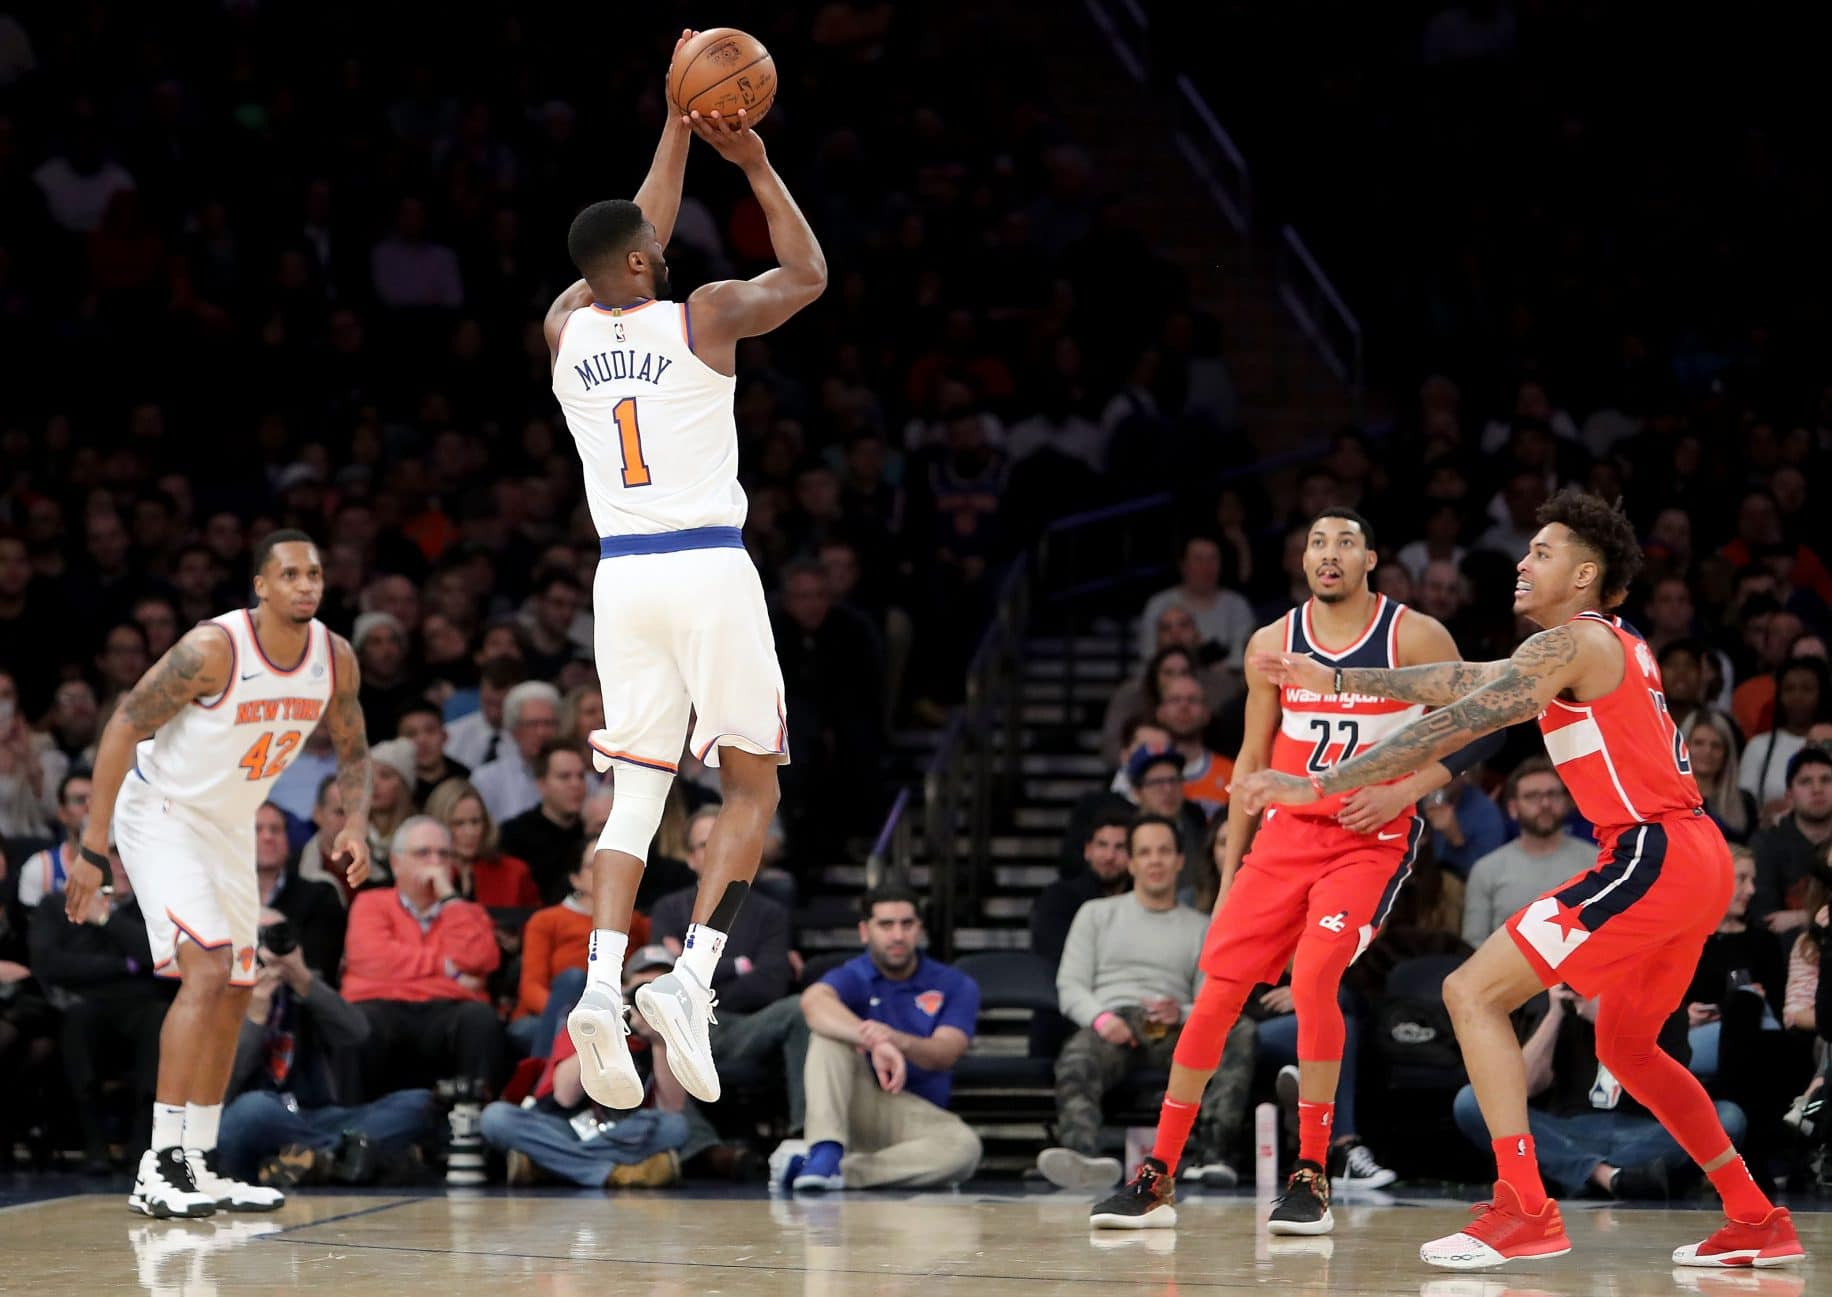 Emmanuel Mudiay, New York Knicks